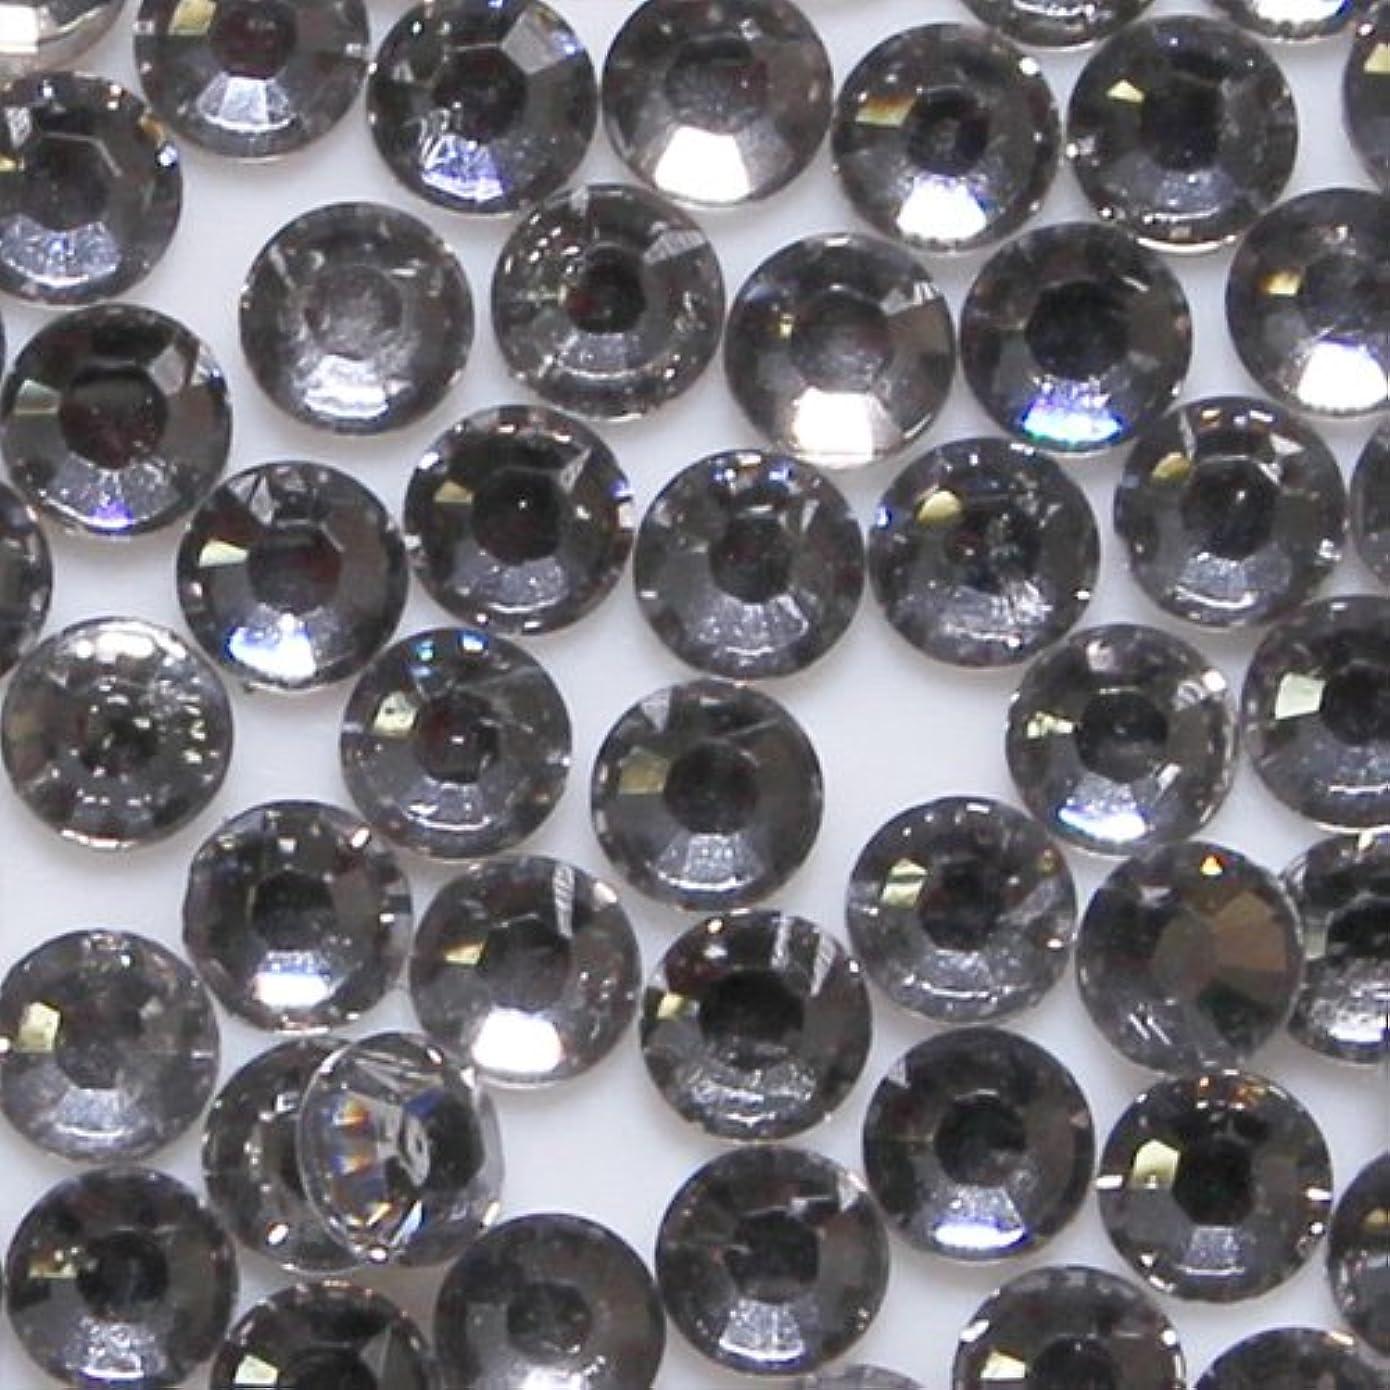 ポテトオゾンクラウン高品質 アクリルストーン ラインストーン ラウンドフラット 約1000粒入り 4mm ブラックダイヤモンド